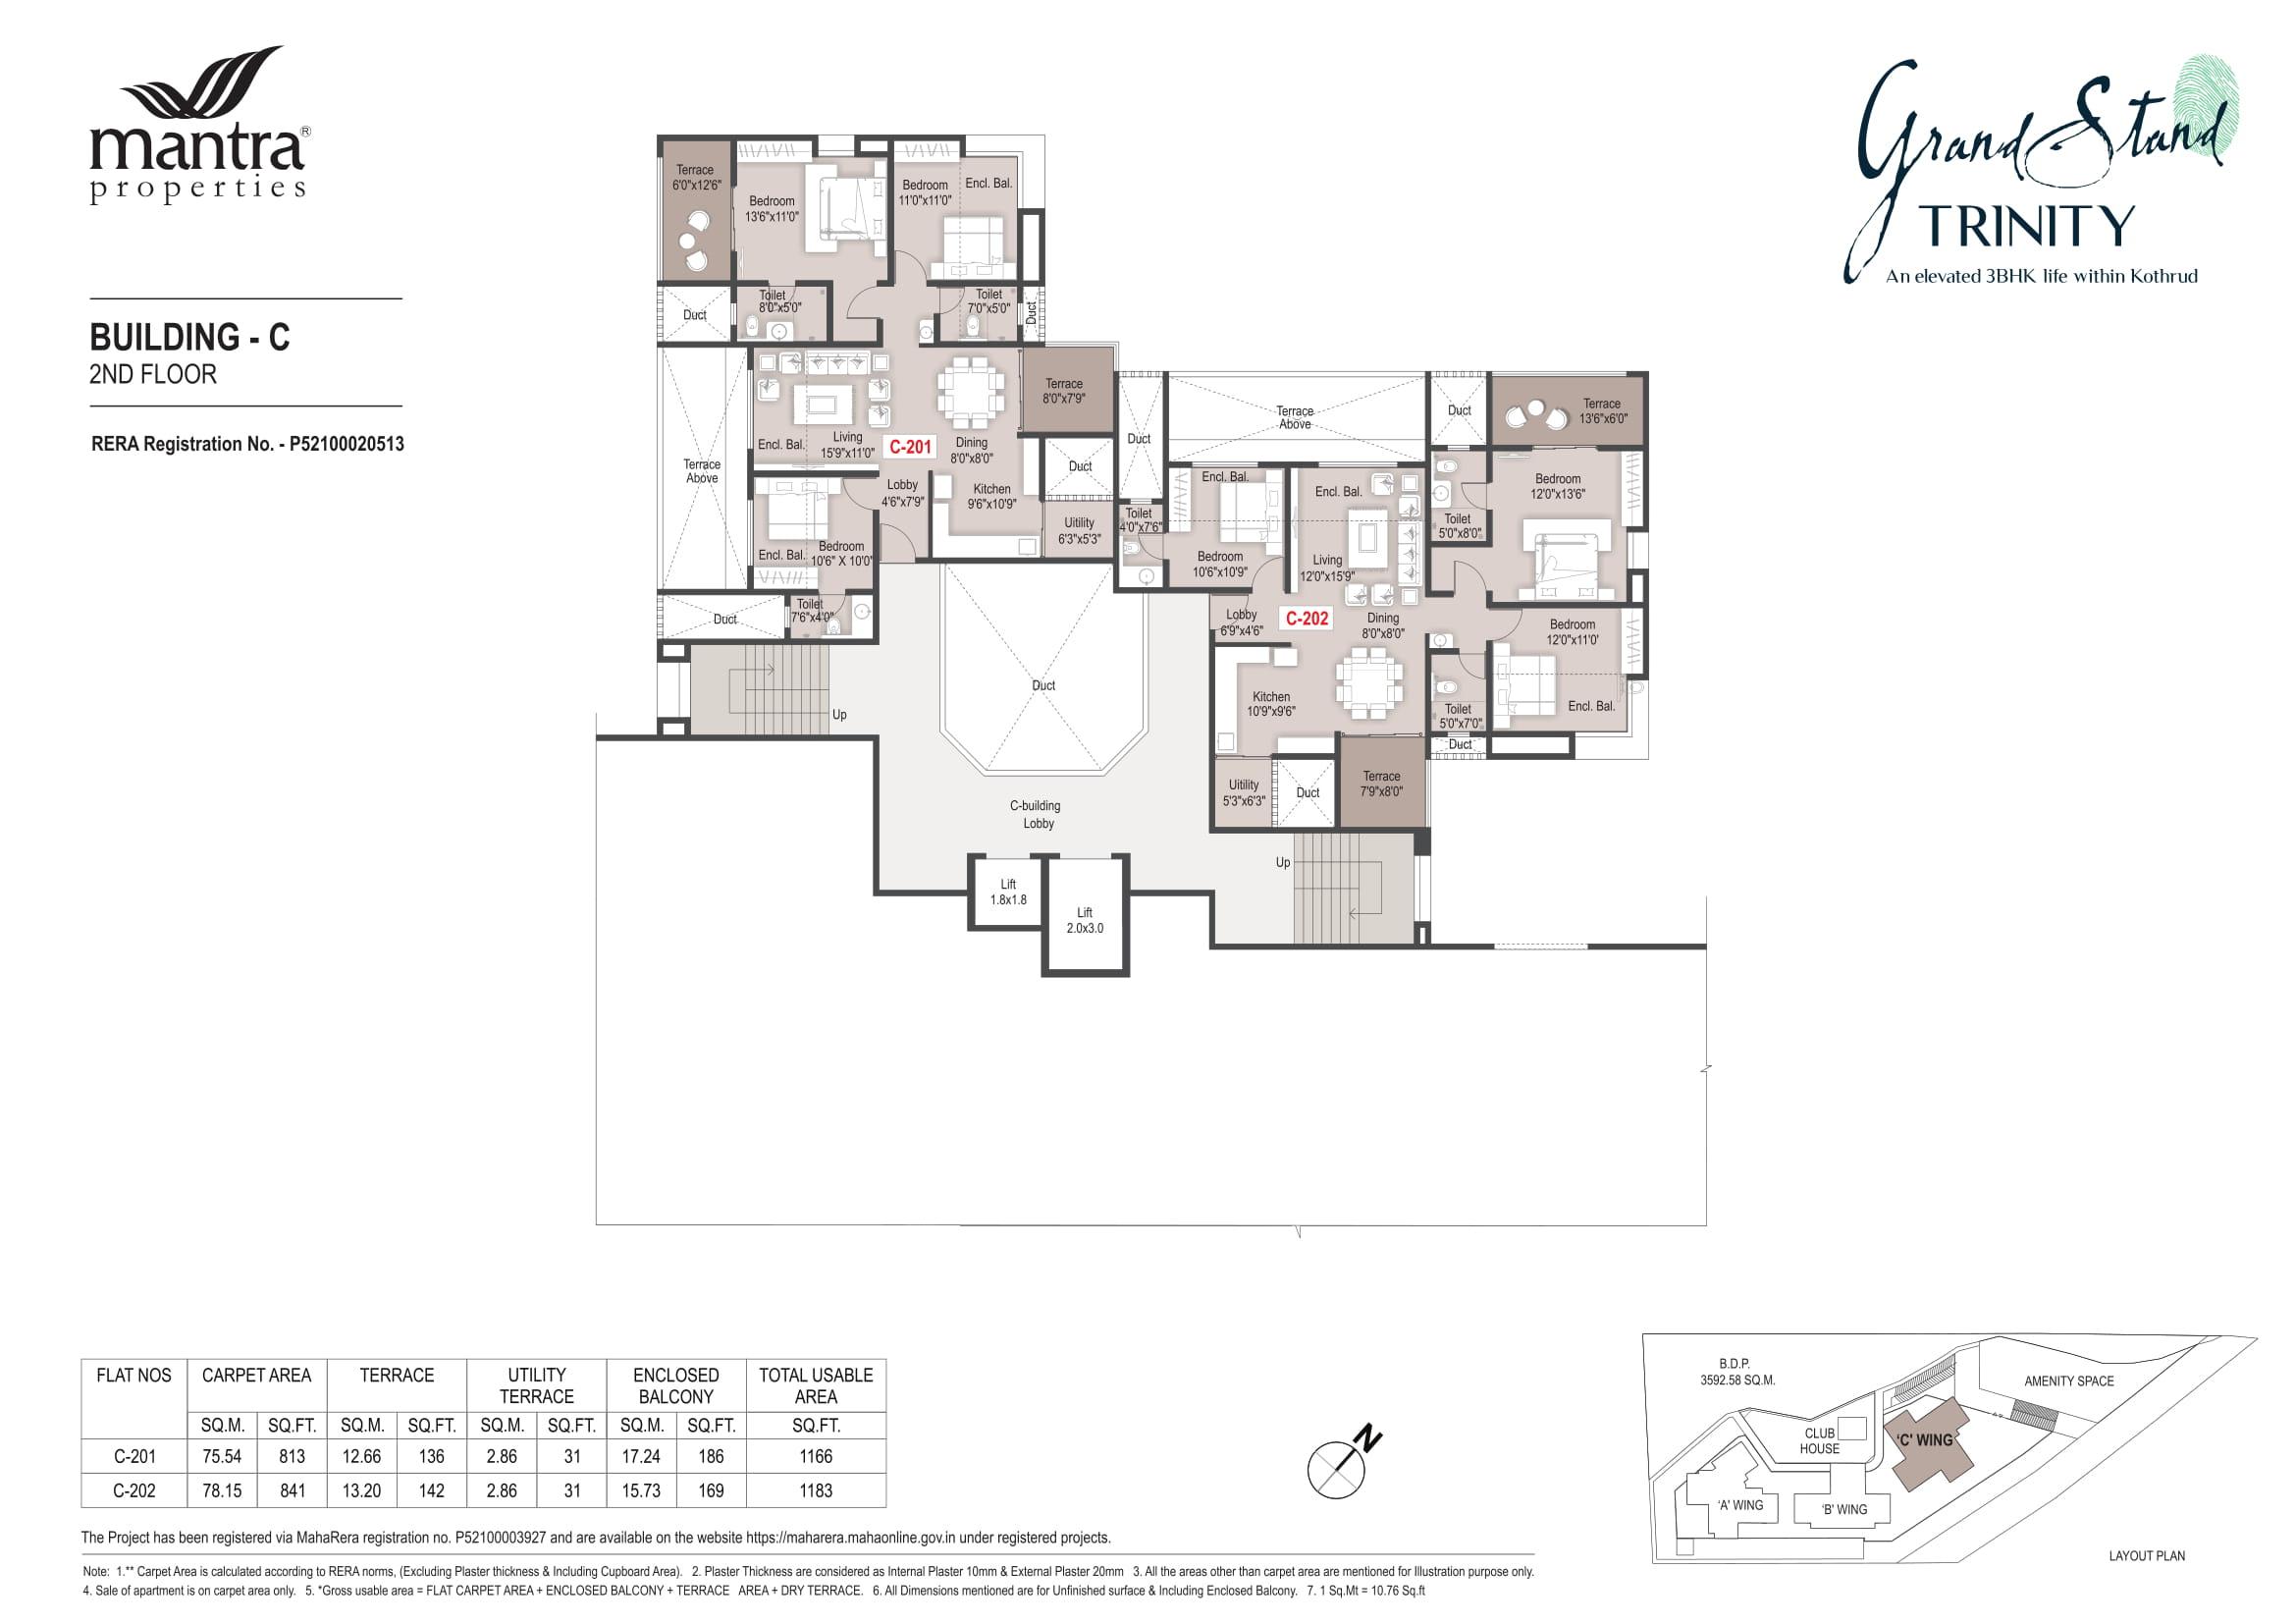 Grandstand Building - C Floor Plans-2